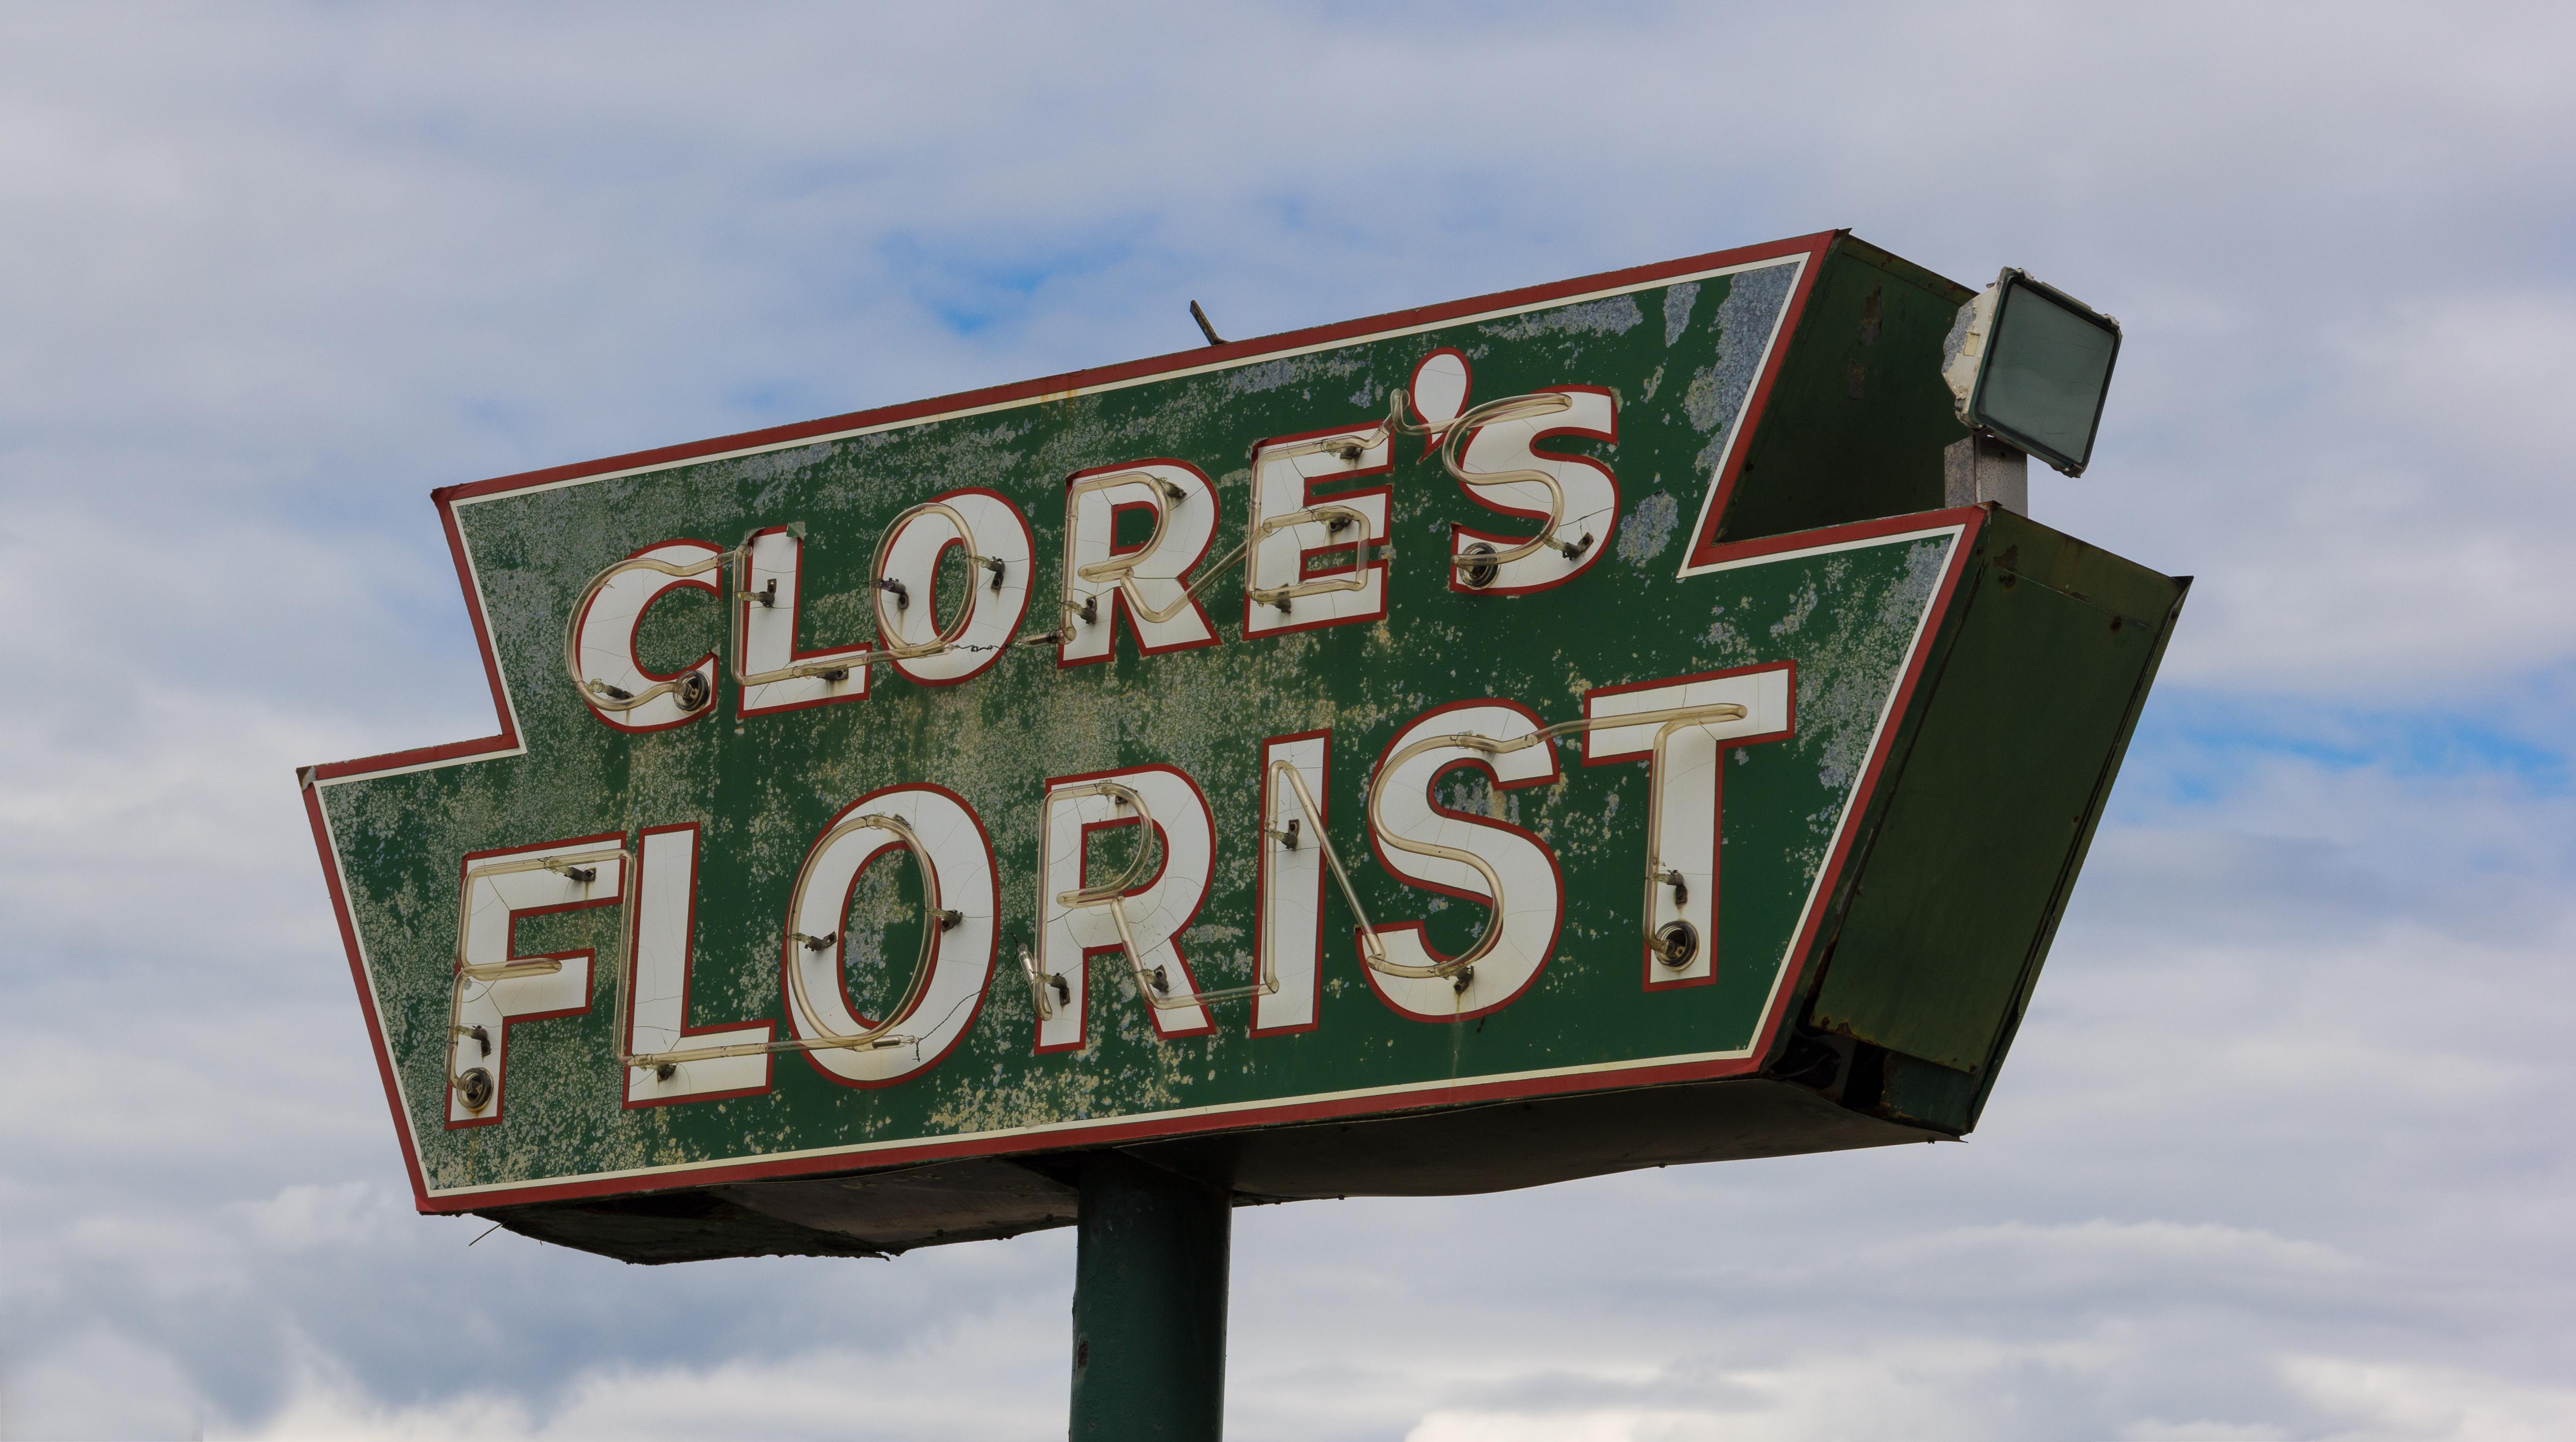 Clore's Florist - 9956 East Grand River Avenue, Brighton, Michigan U.S.A. - July 16, 2014